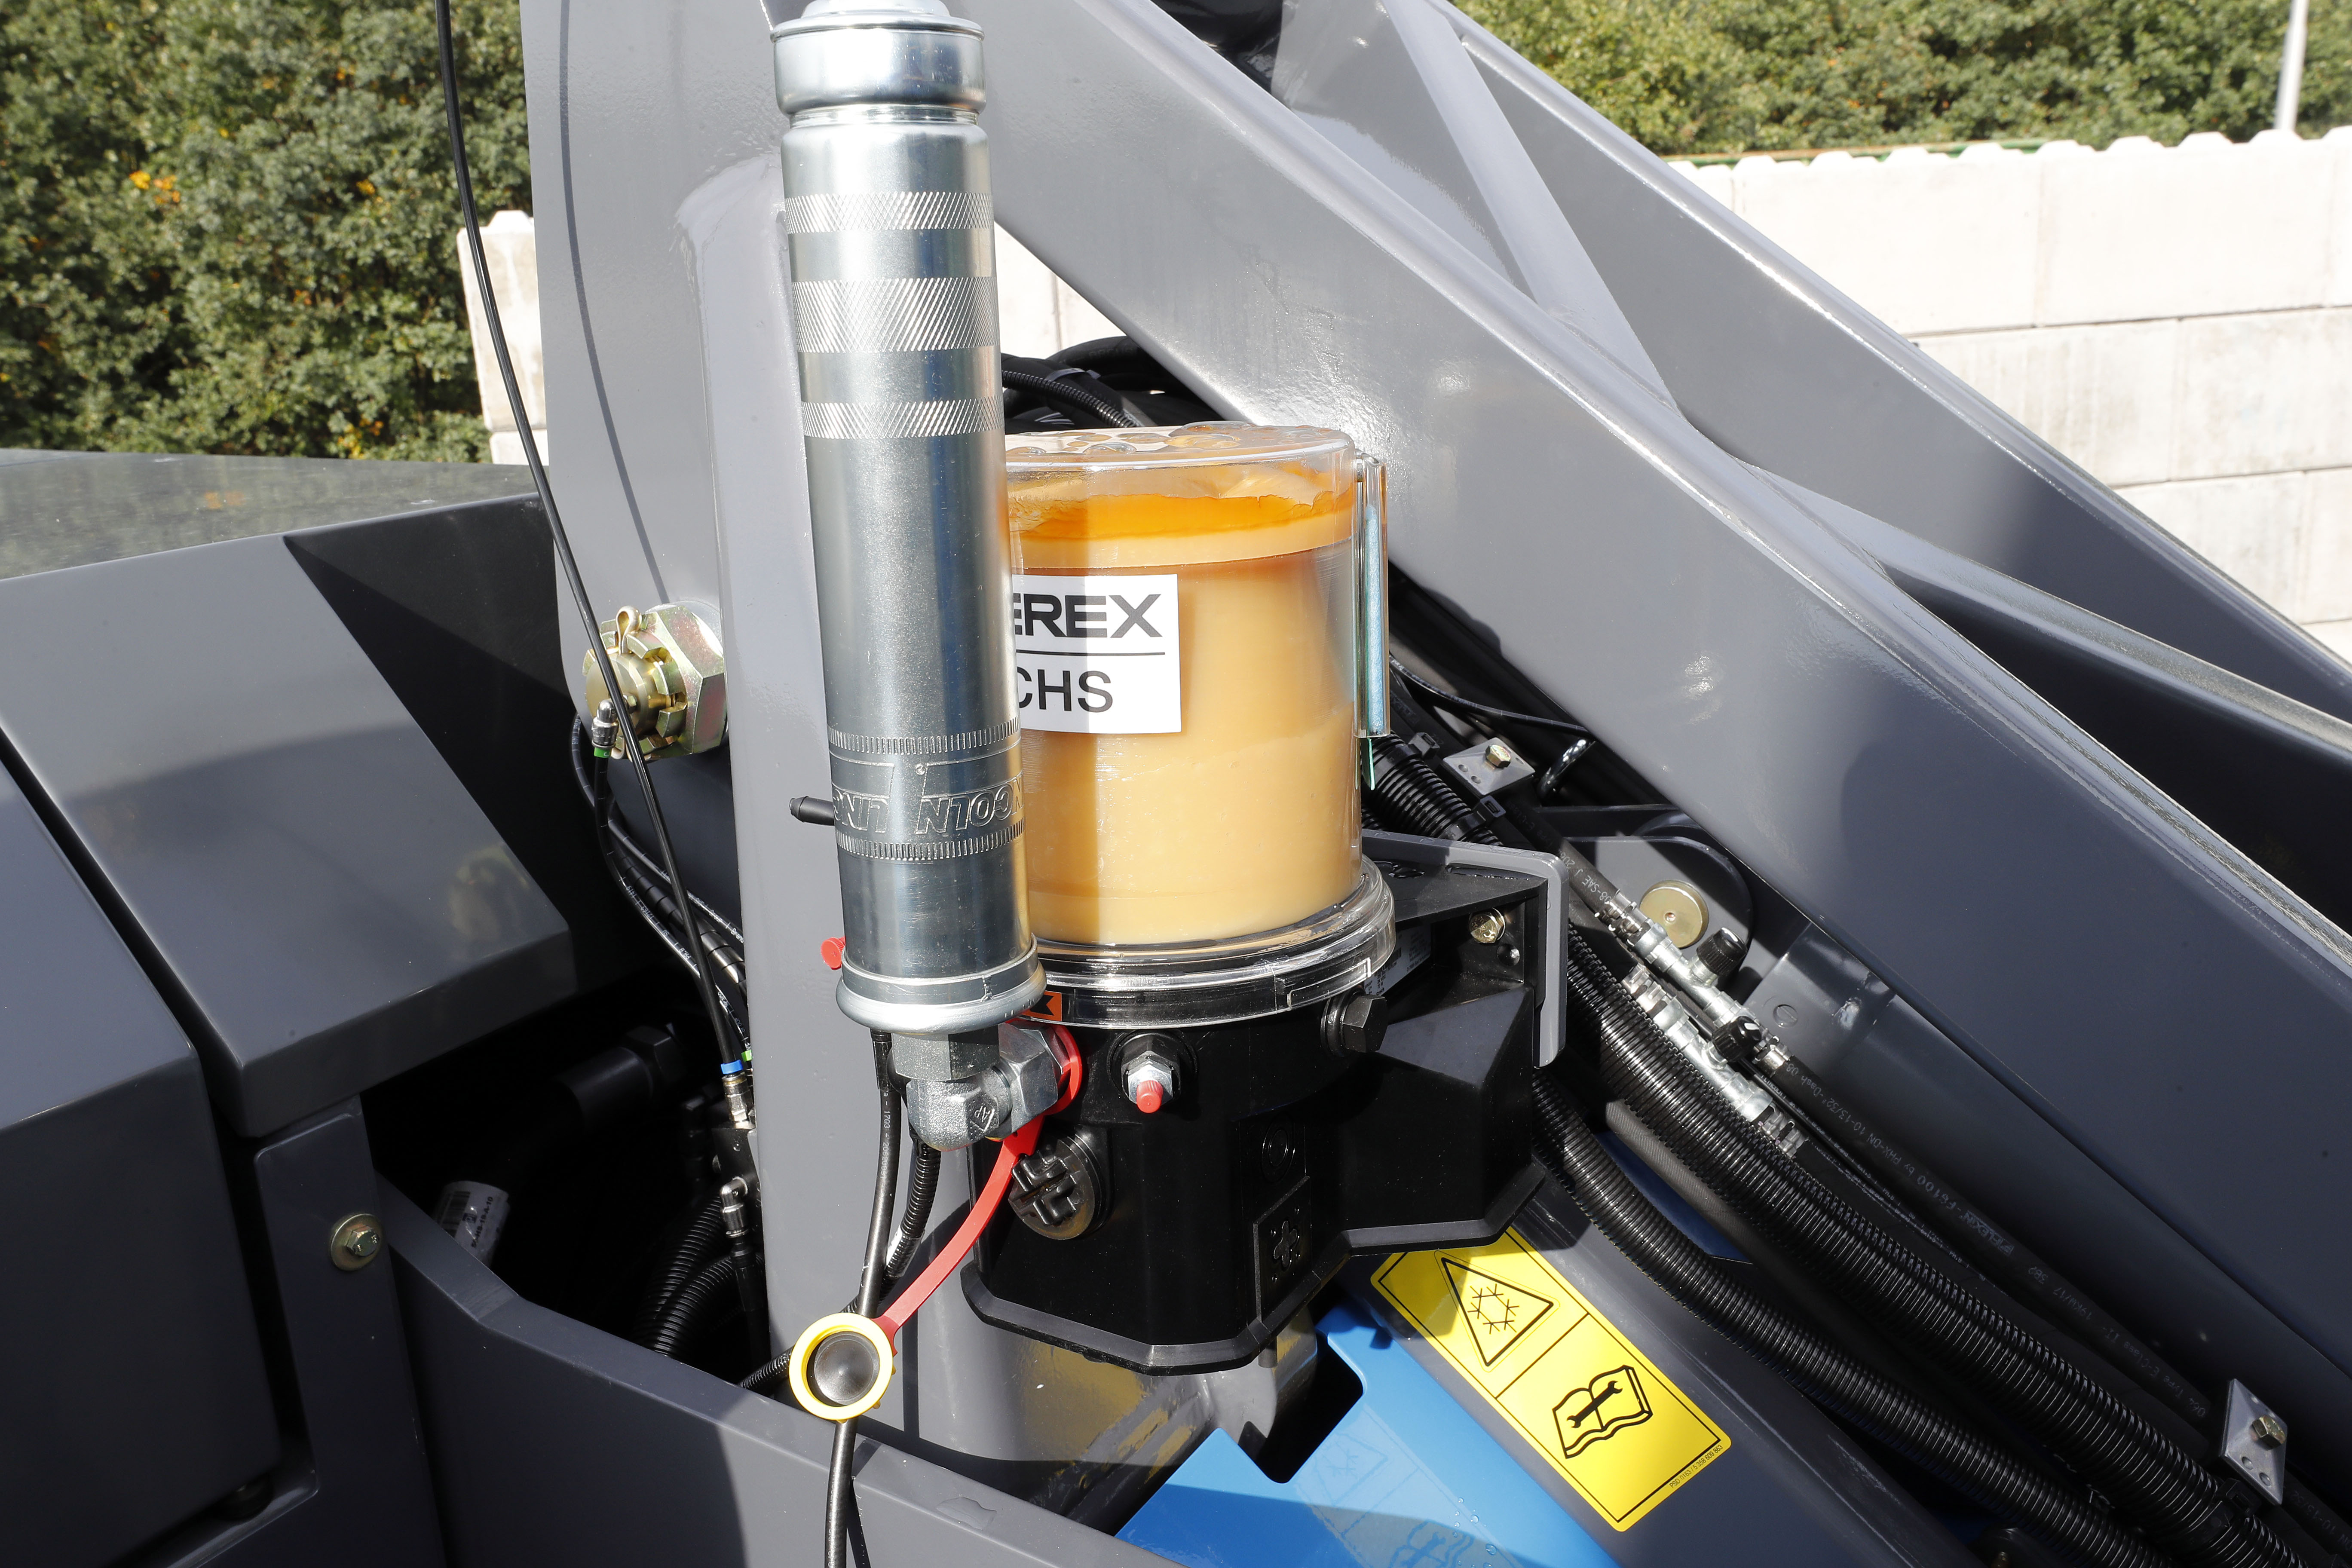 <p>Af-fabriek is de MHL331F voorzien van automatische smering op de bovenwagen. De smeerpunten op de onderwagen moeten handmatig worden gesmeerd.</p>